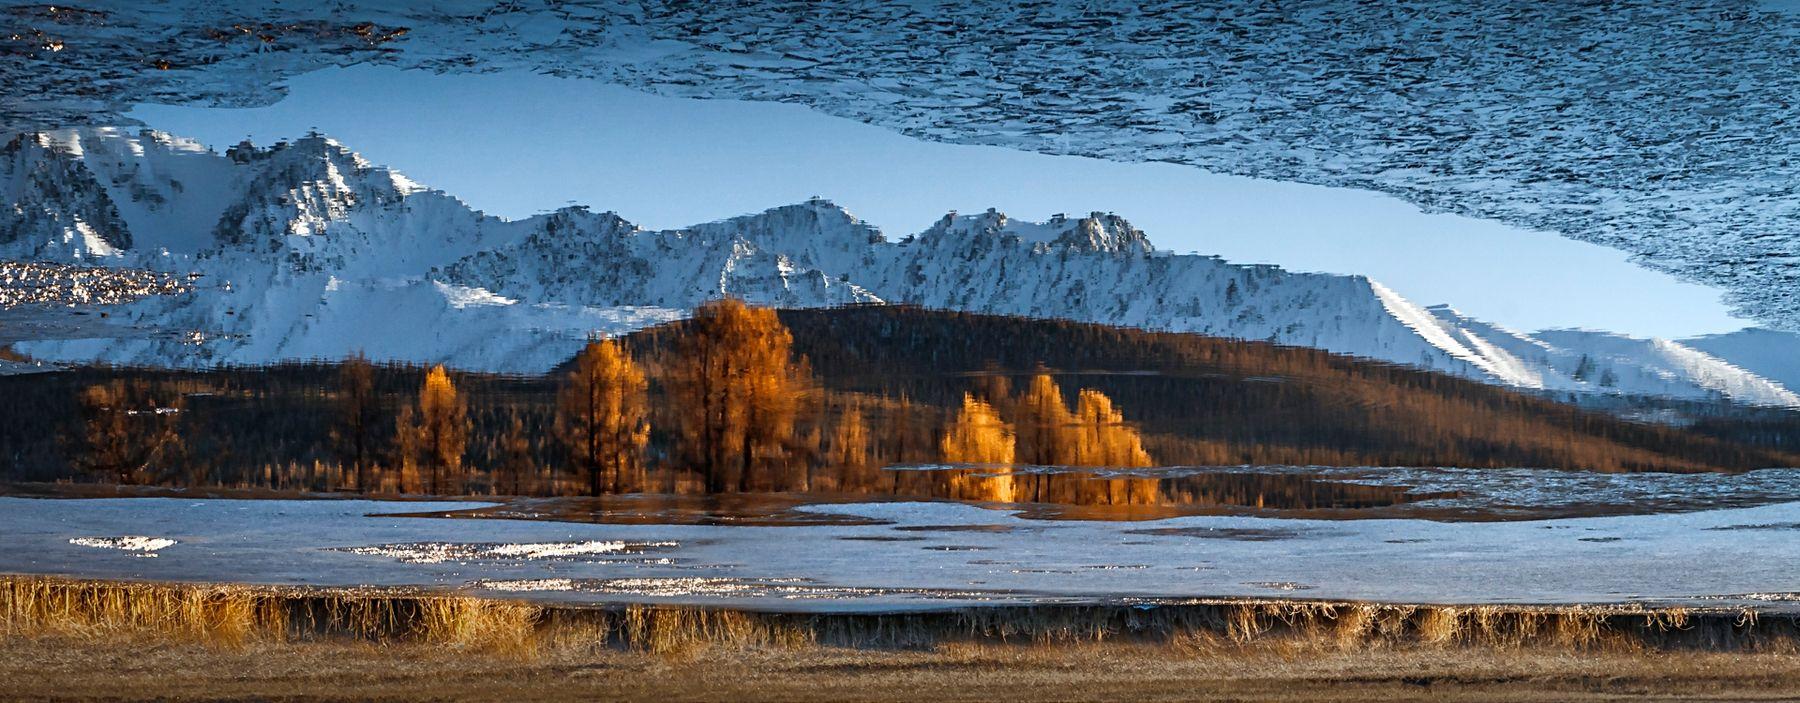 Зазеркалье озера Джангысколь